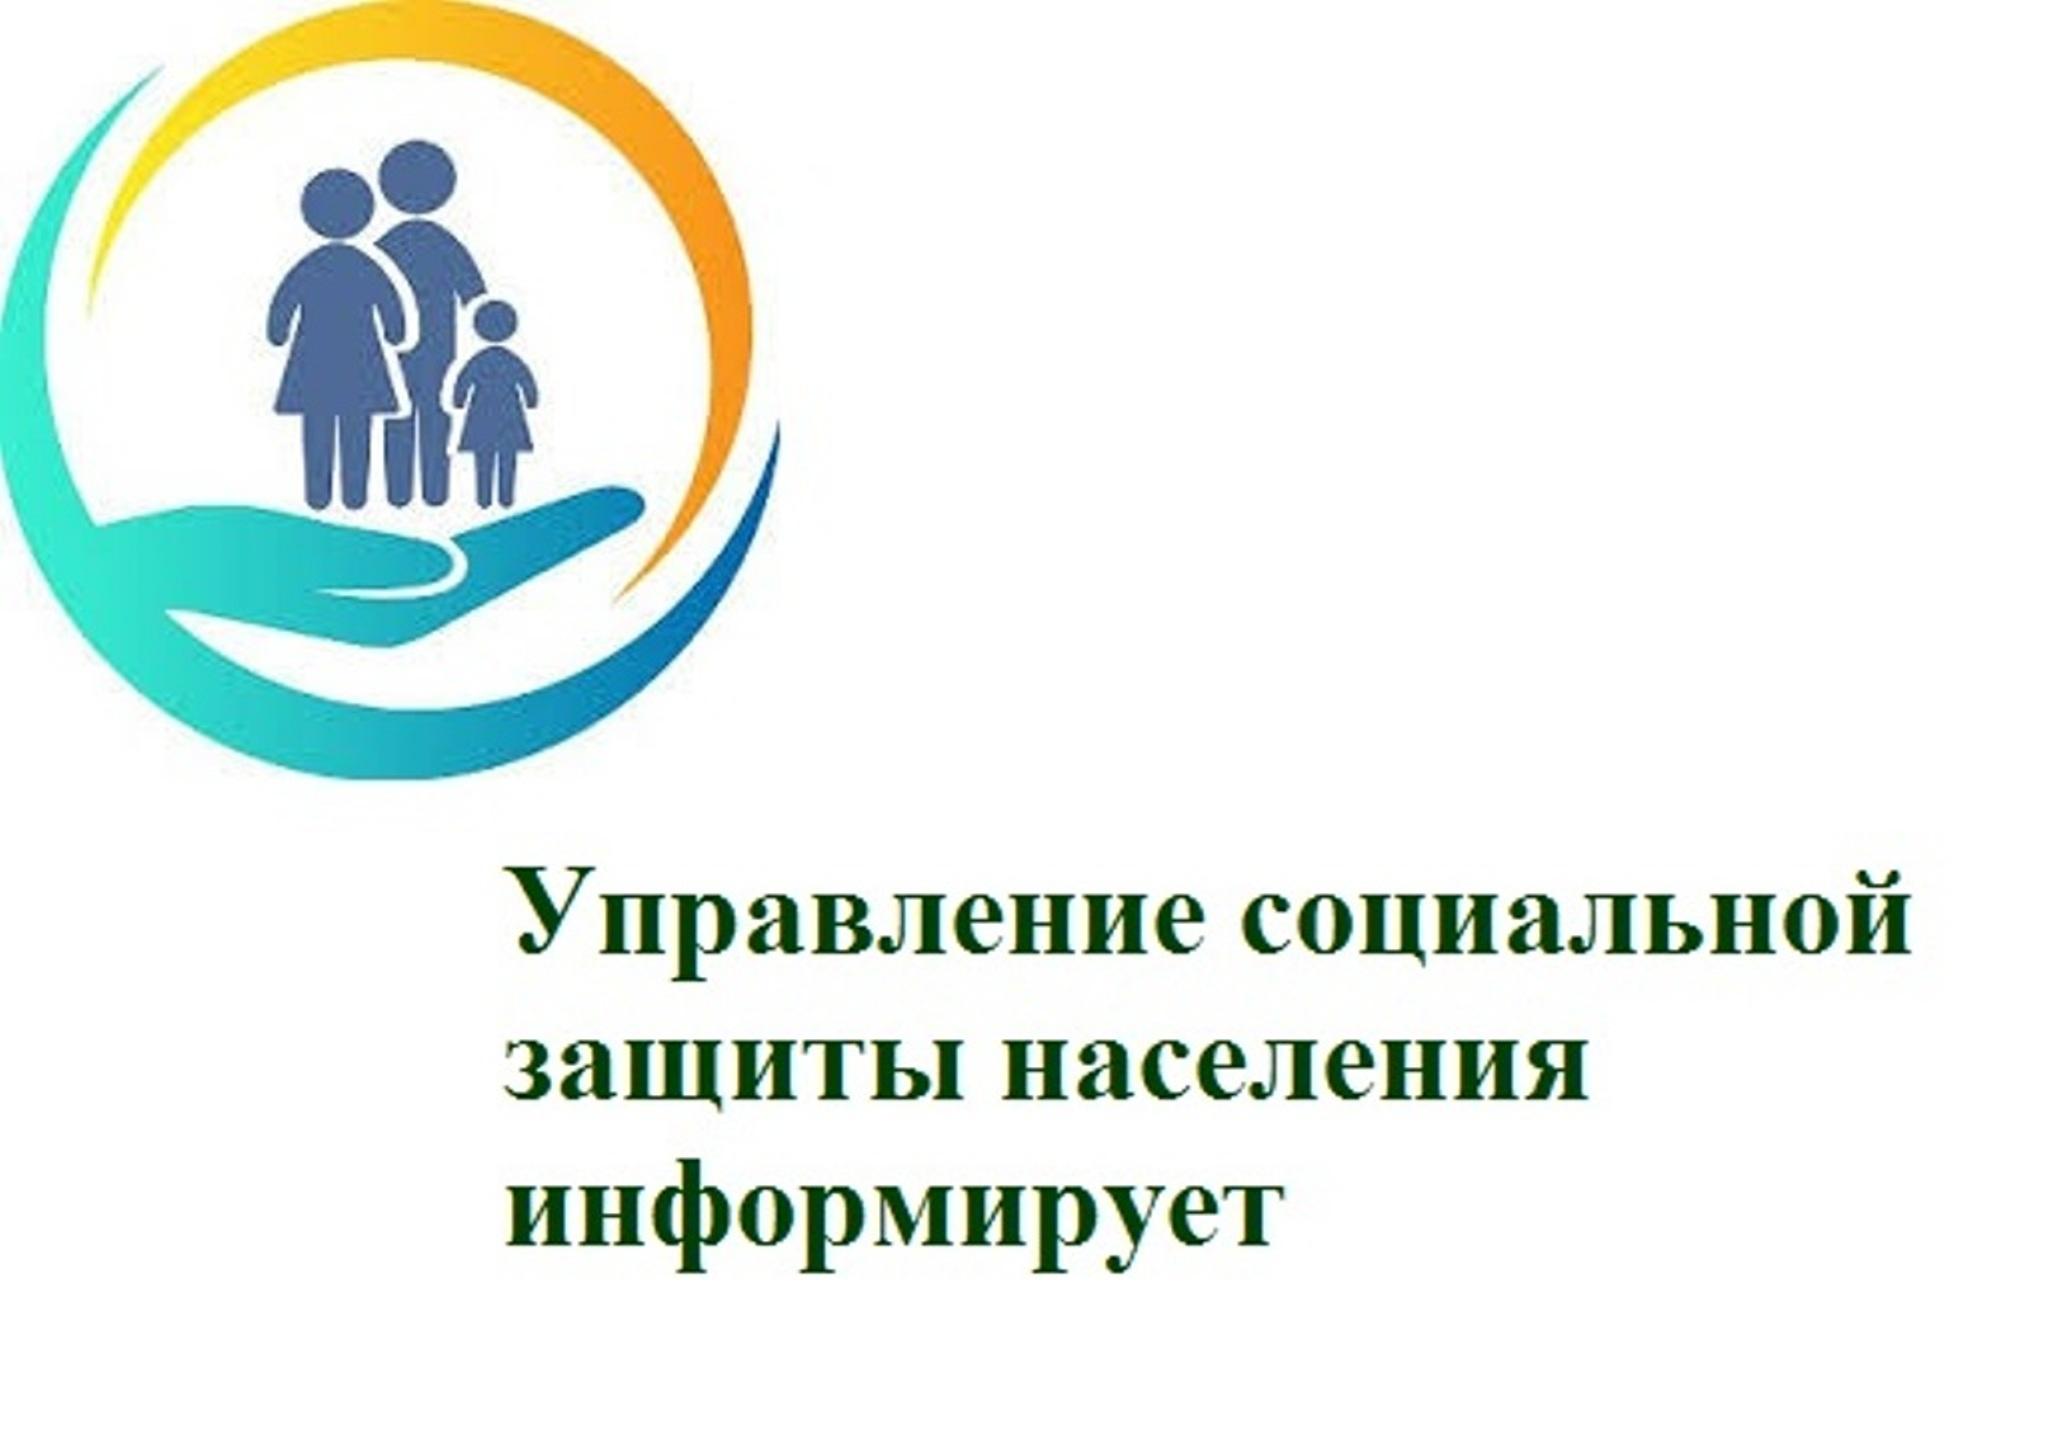 ОГКУ «Управление социальной защиты населения» информирует